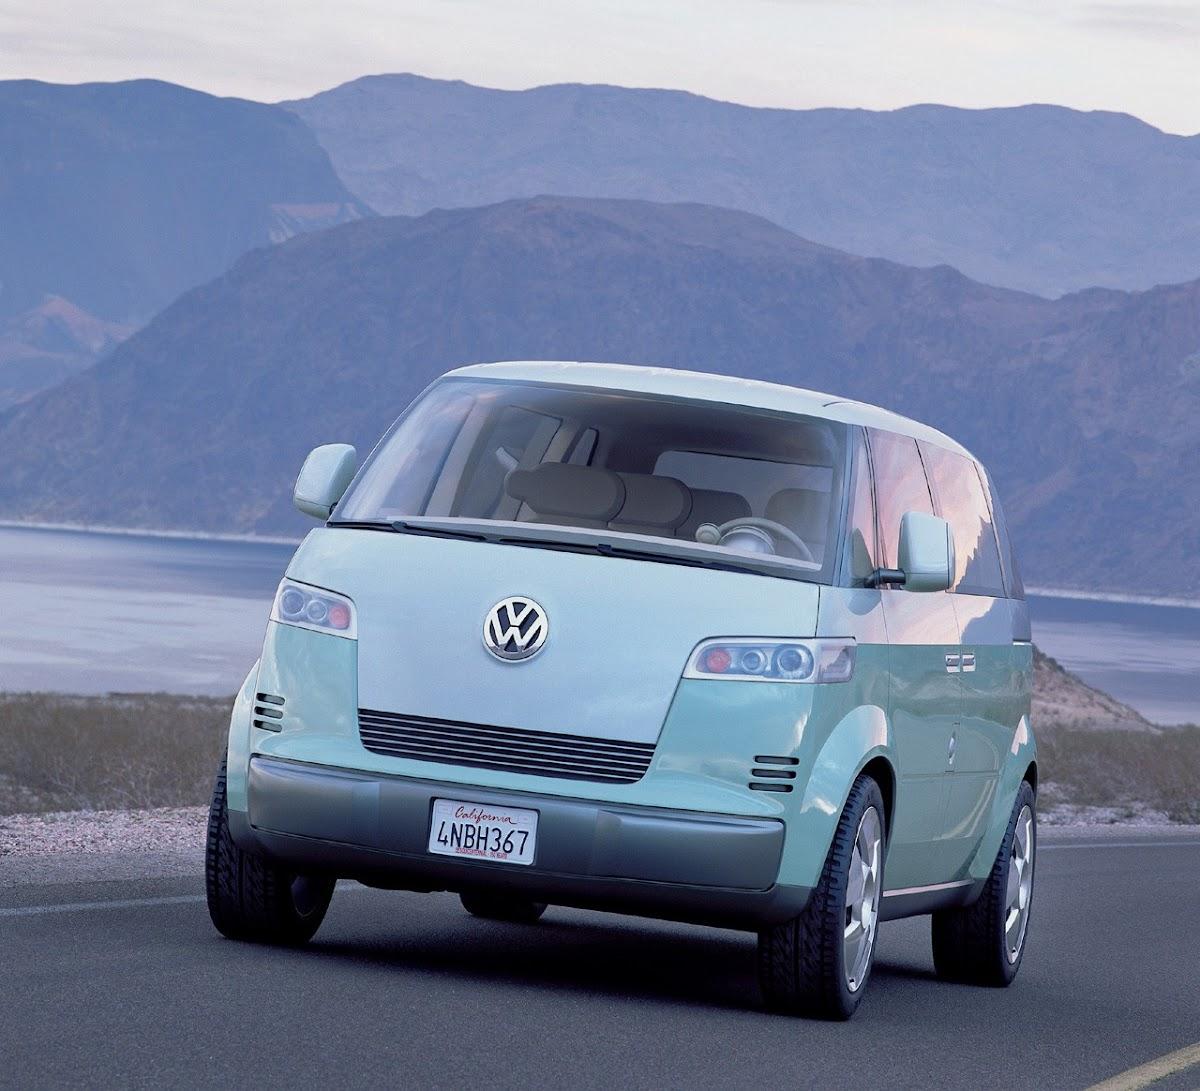 2010 Volkswagen Microbus Concept